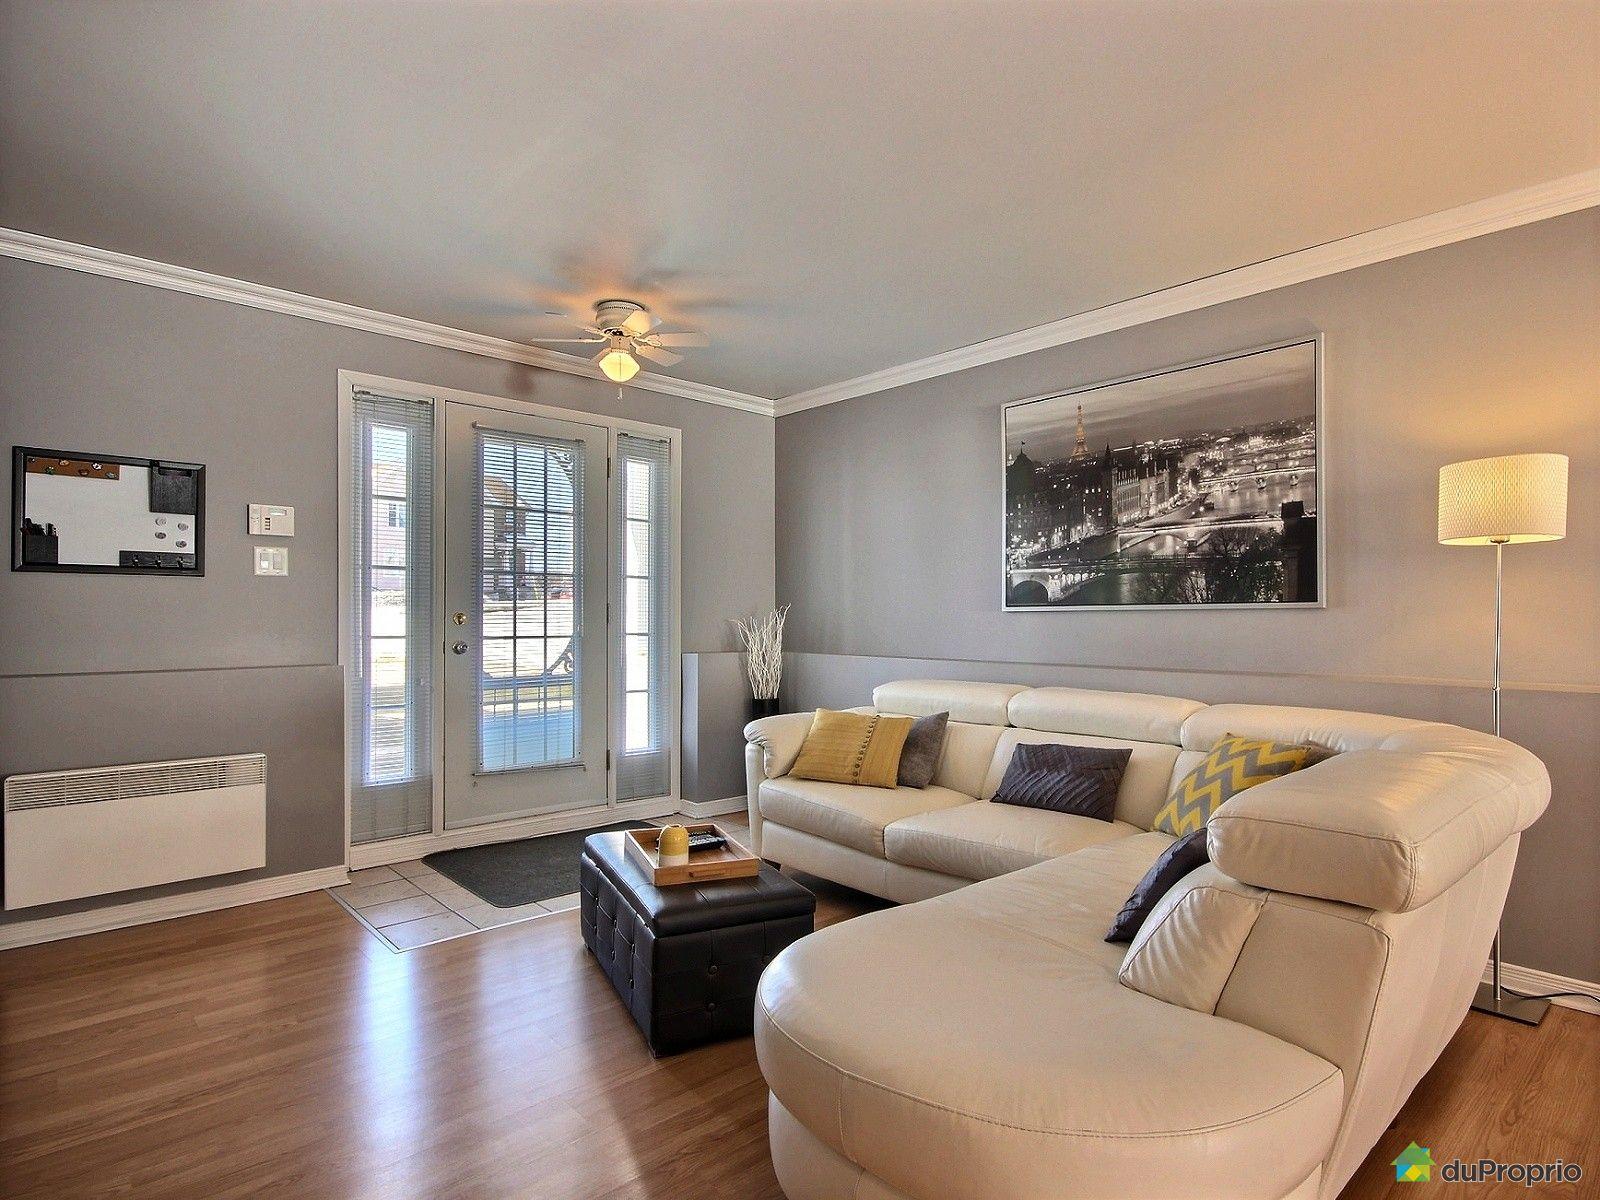 Living Room - 2429 rue Schulz, St-Jérôme (Lafontaine) for sale